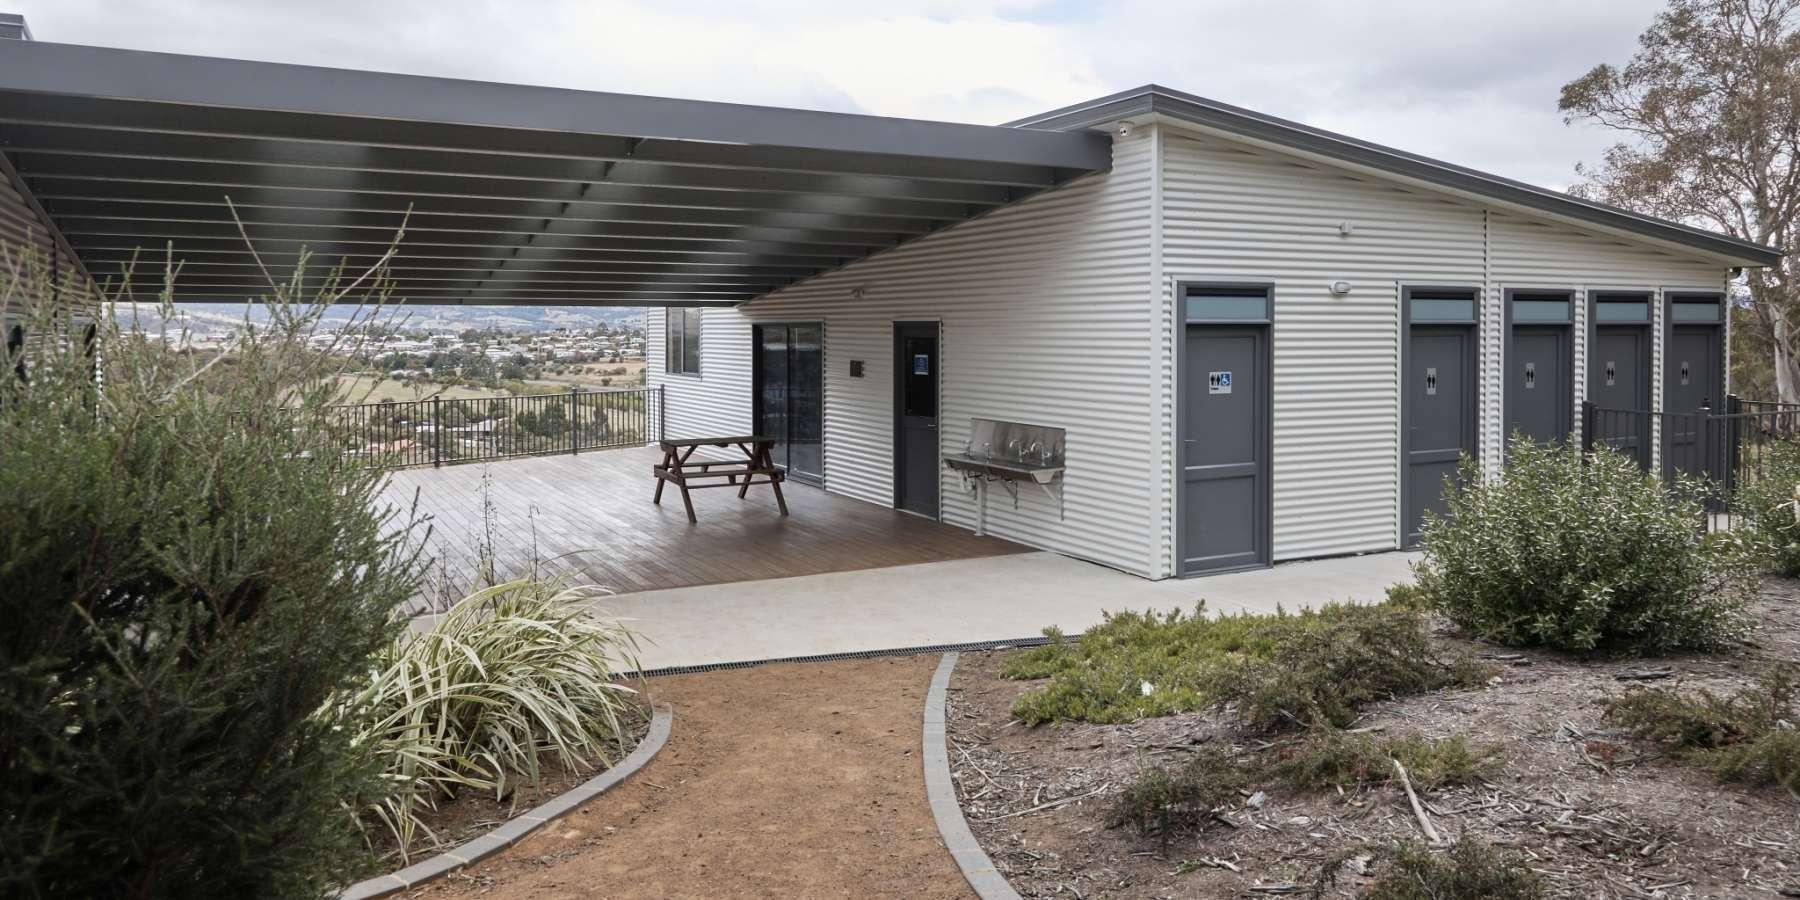 Modular School with toilet block